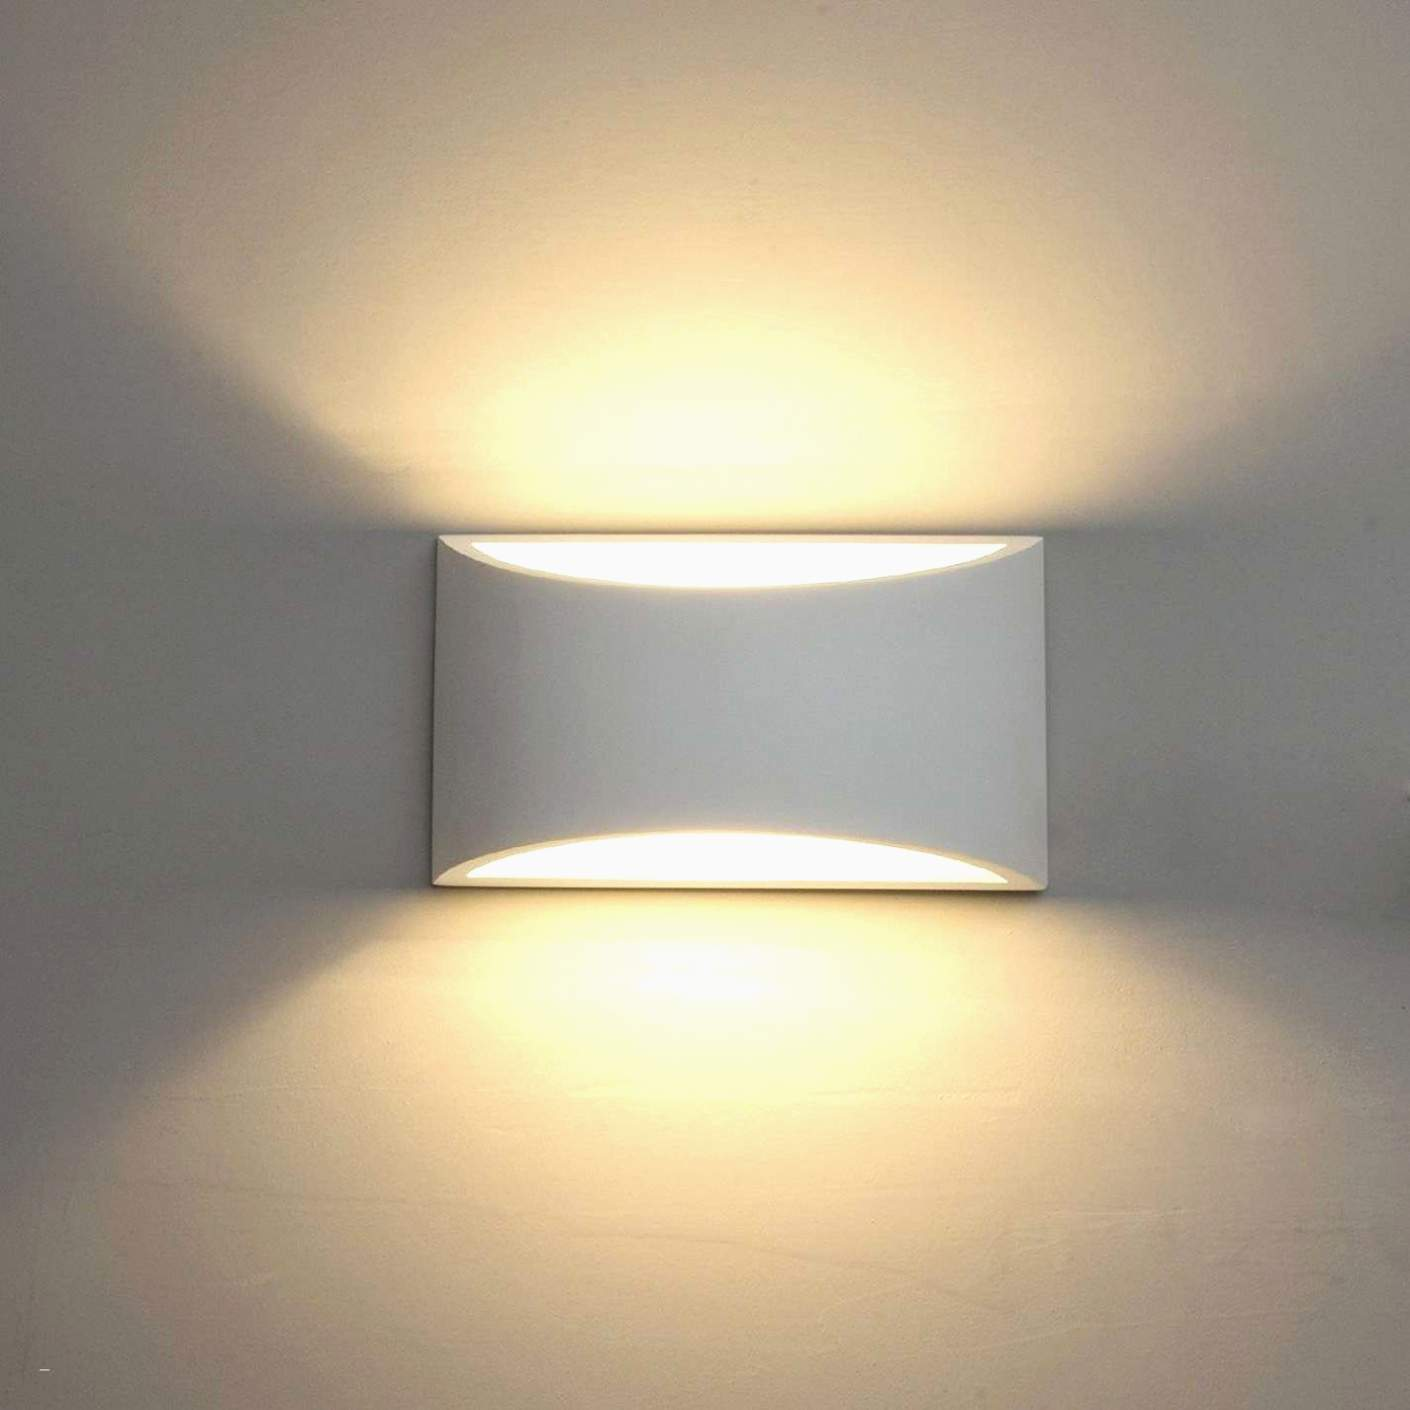 wohnzimmer leuchte schon wohnzimmer lampe konzept tipps von experten of wohnzimmer leuchte